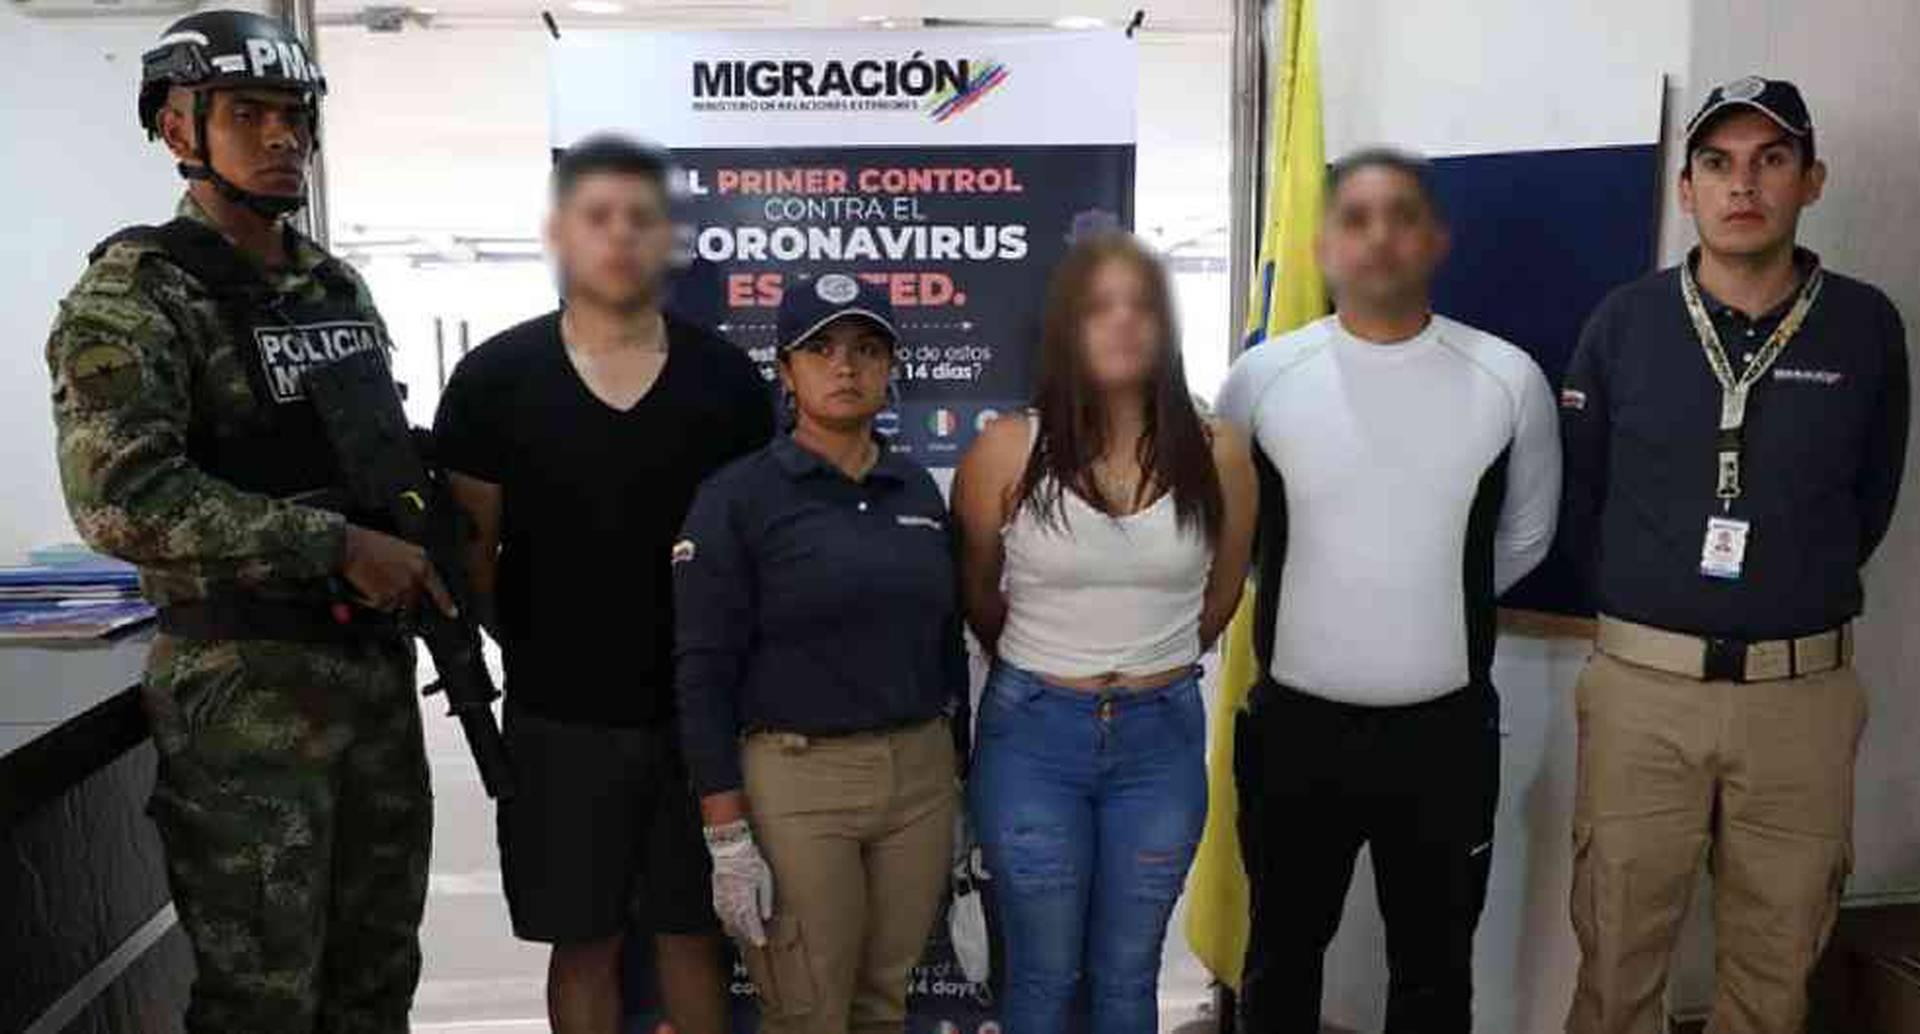 Al parecer, uno de los capturados pertenece a las Fuerzas de Acciones Especiales, una estructura creada en el año 2016 señalada de realizar actividades de represión a la oposición en Venezuela y otros países. Foto: EJÉRCITO